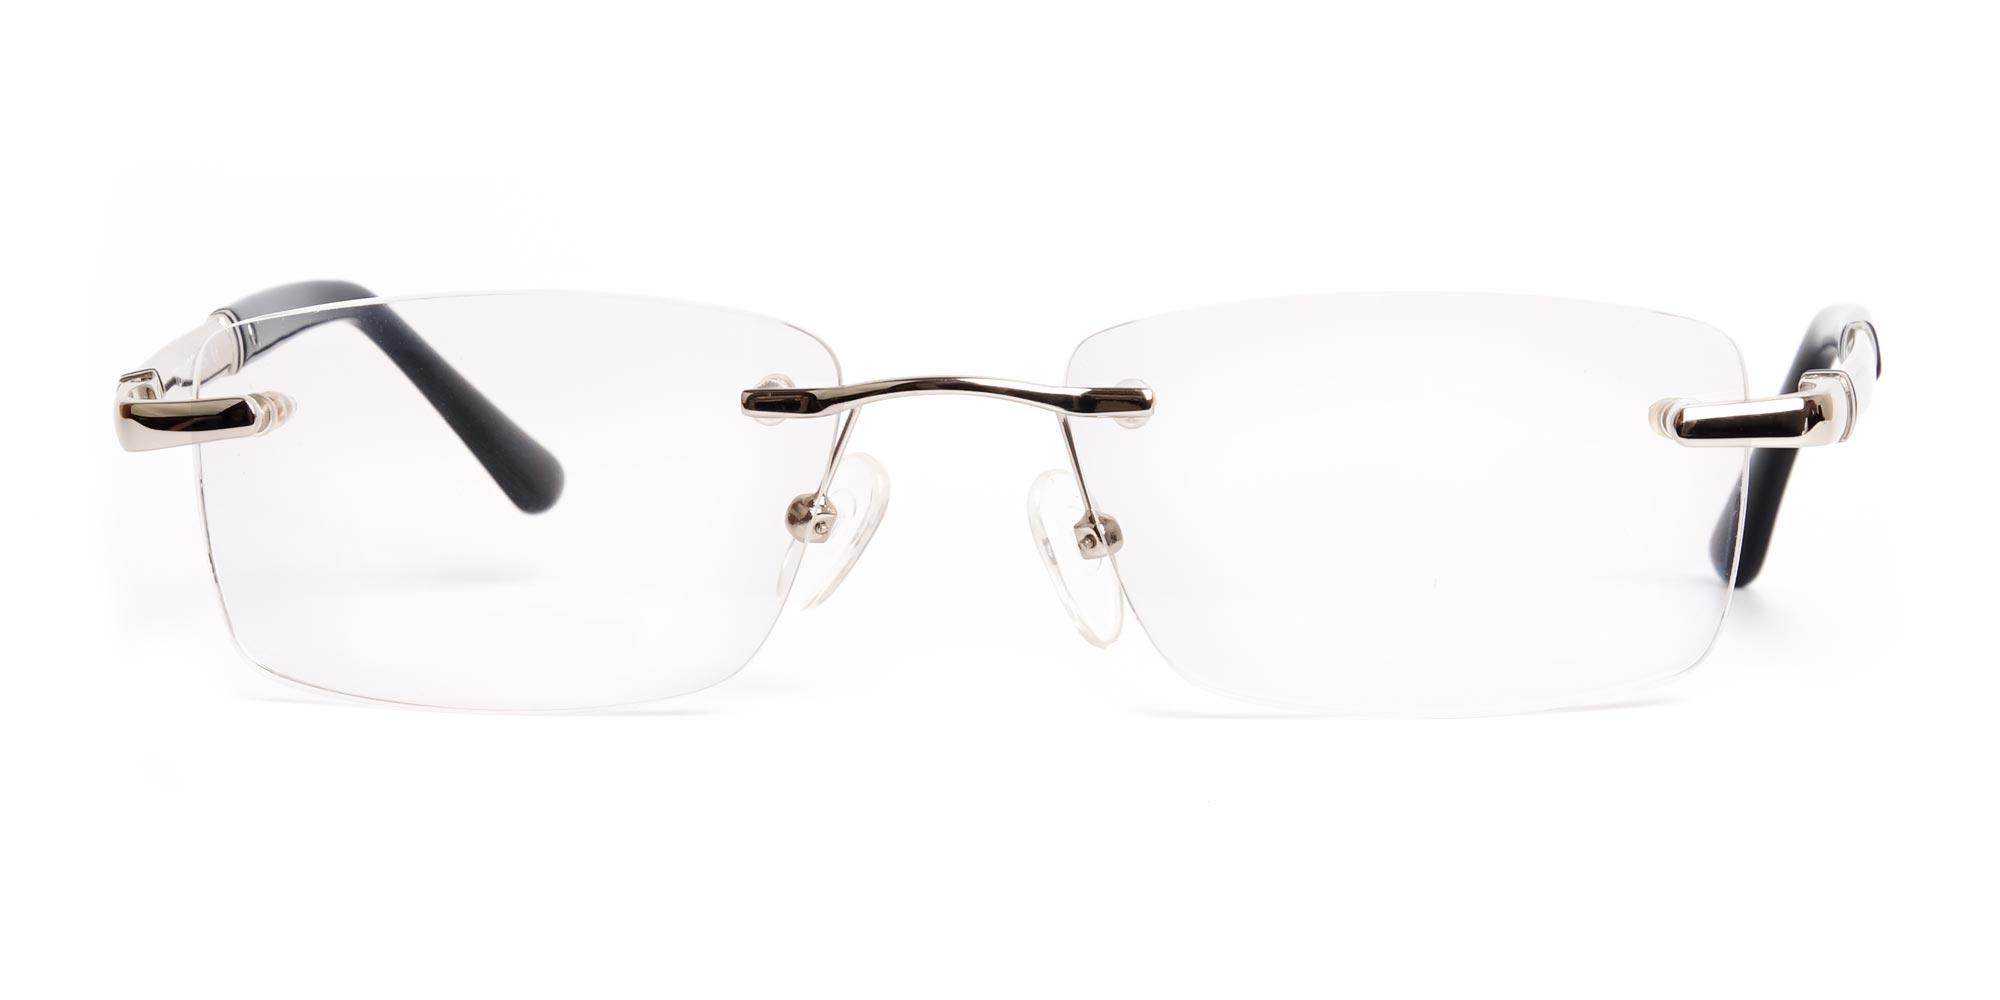 Silver Rectangular Rimless Glasses